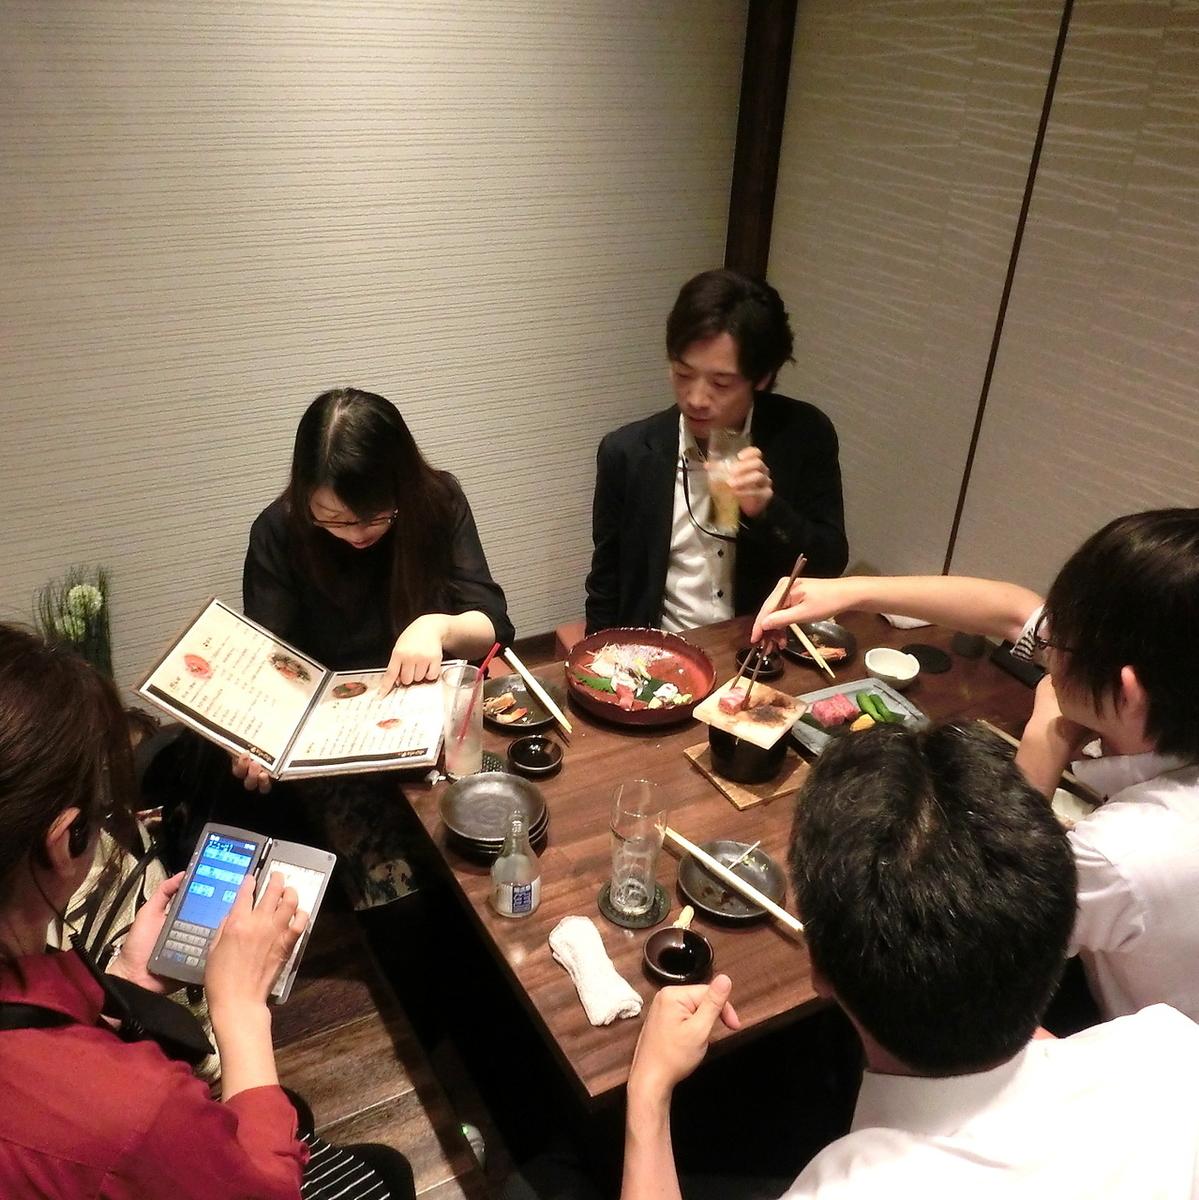 """【私人房間使用場景】我們正在準備一個適合舉辦各種宴會的私人房間,非常適合舉辦宴會,最多可容納10人。如果您想在Nishi Umeda享用私人晚宴,您絕對可以擁有""""Japanese Shokuei""""!日式私人房間,可用於娛樂★我們也有包房和團體的私人房間。"""